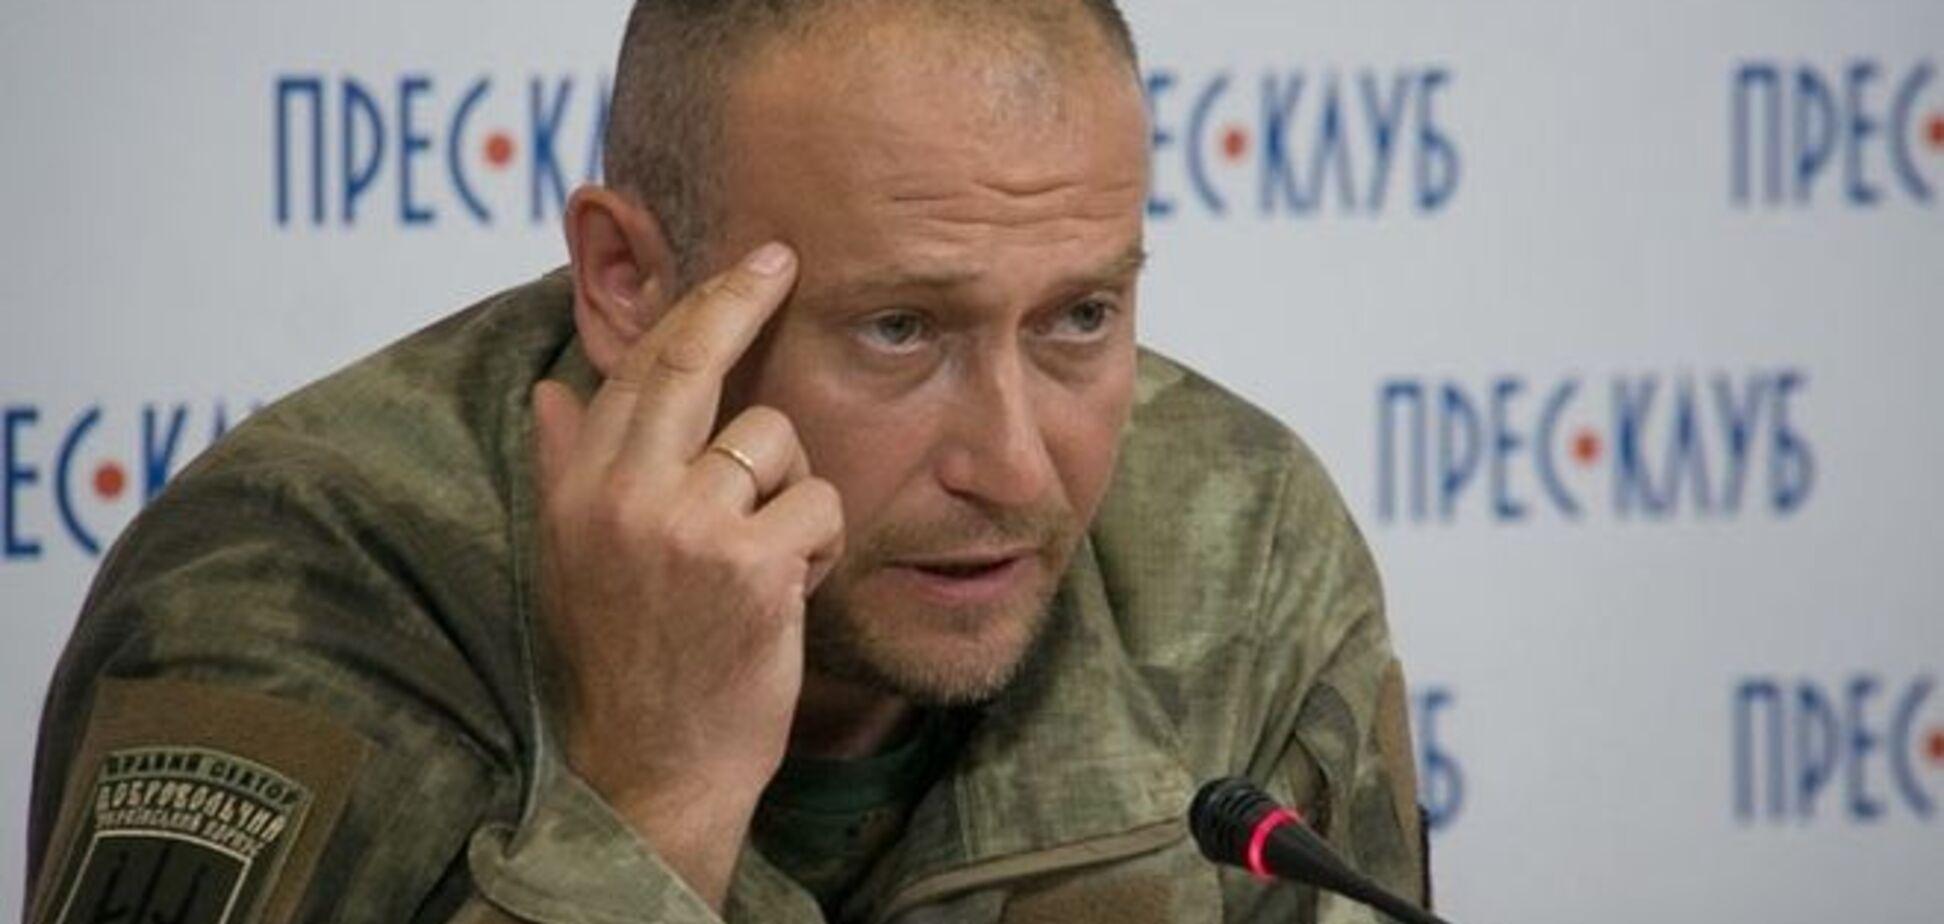 'Правий сектор' поки не визначився, кому підкорятися - Полторак